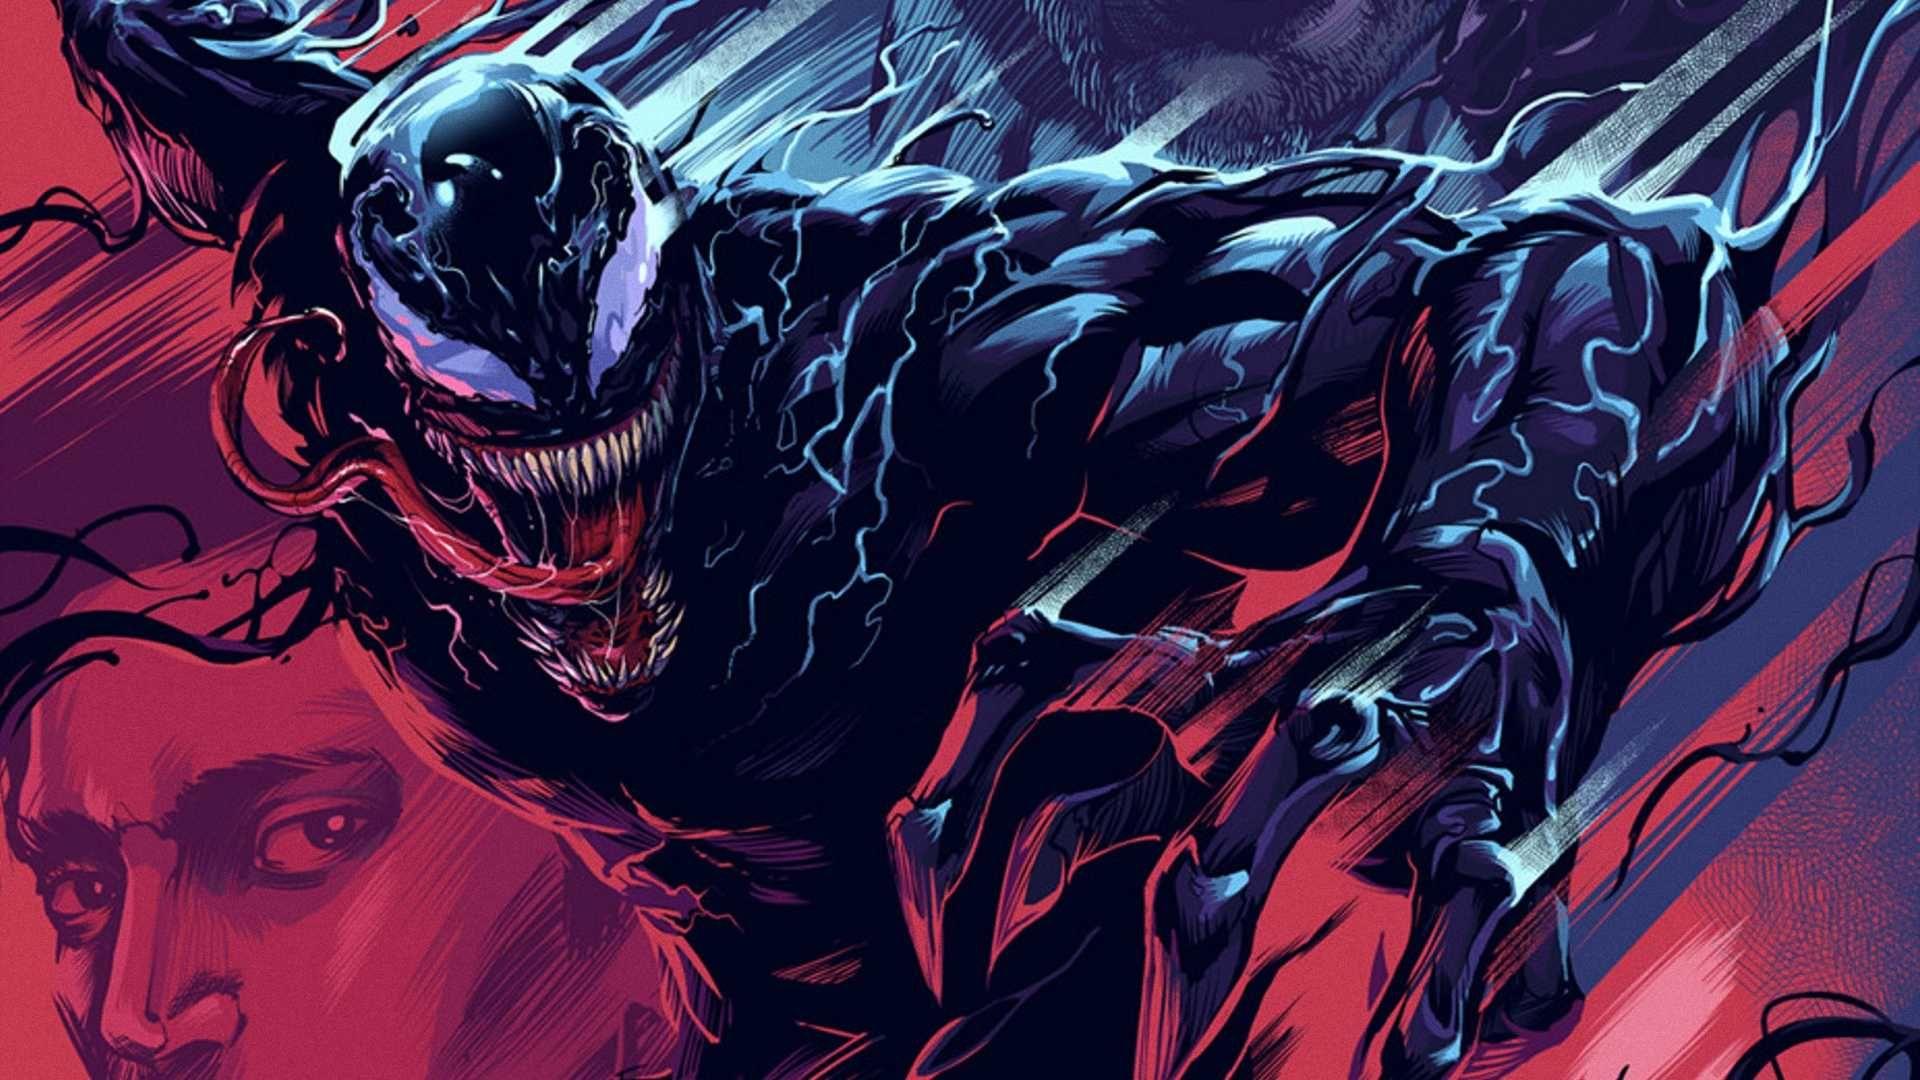 Venom Movie Ultra Hd Wallpaper Film Venom Art Venom Venin